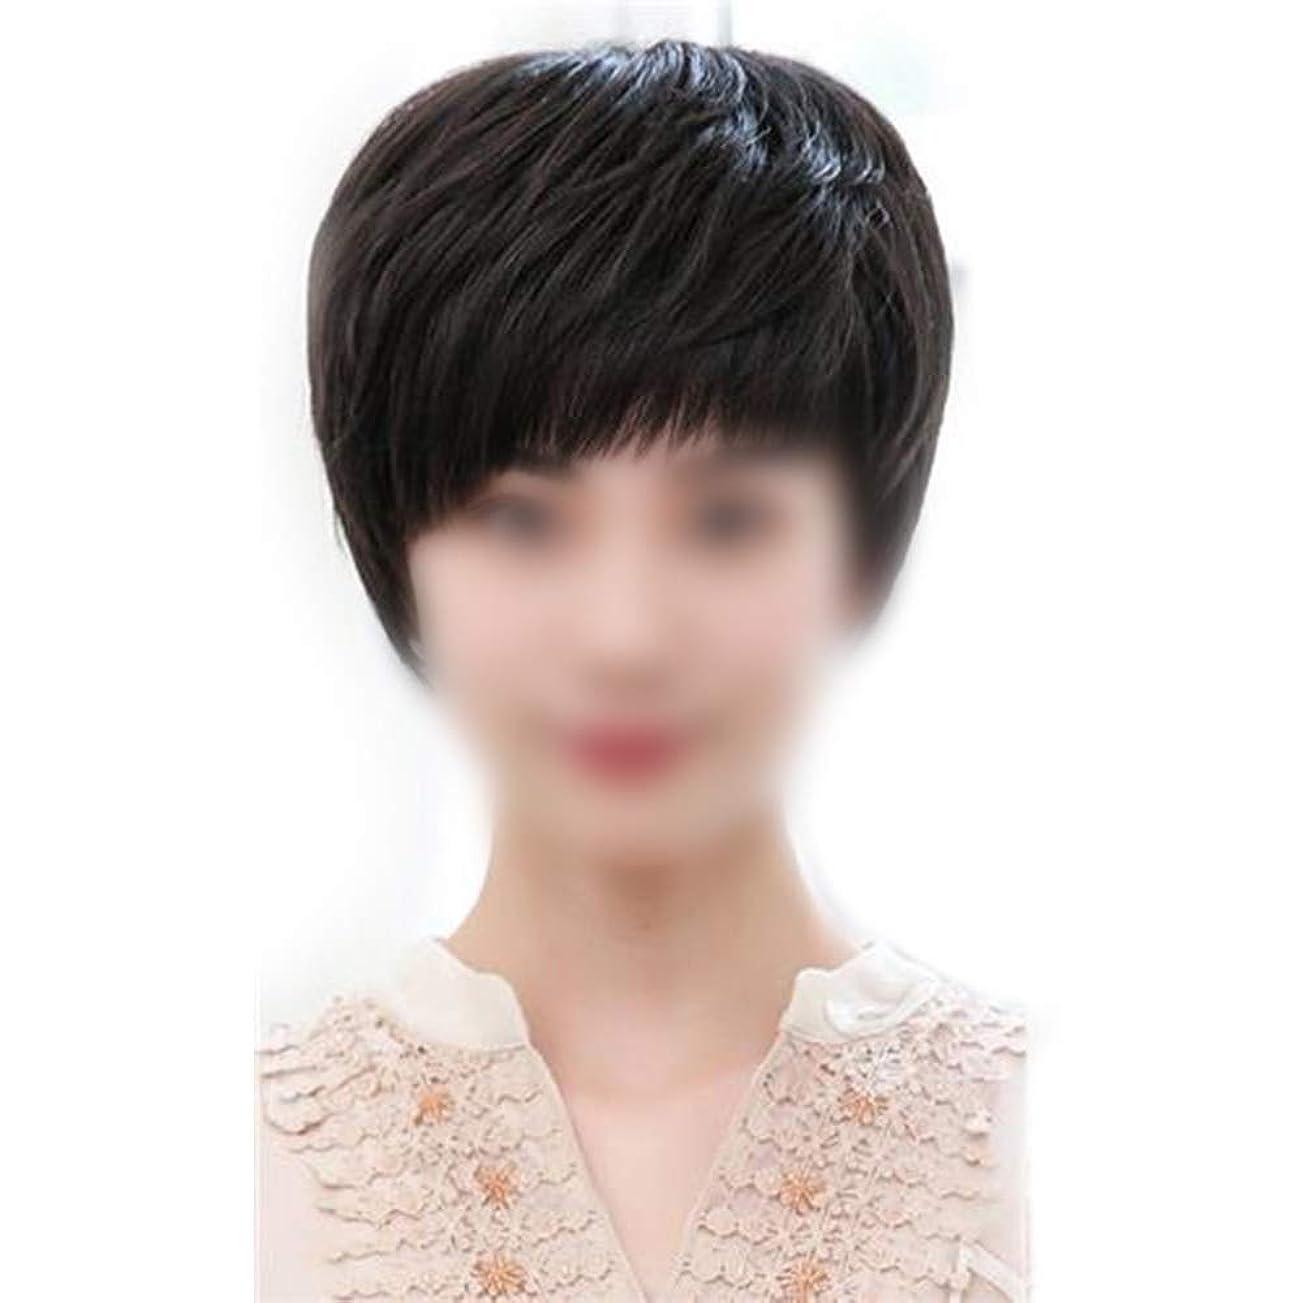 トレッド羊飼い見るBOBIDYEE 中年のファッションかつらのための女性の自然な手織りのリアルヘアショートカーリーヘアーウィッグ (色 : Dark brown)